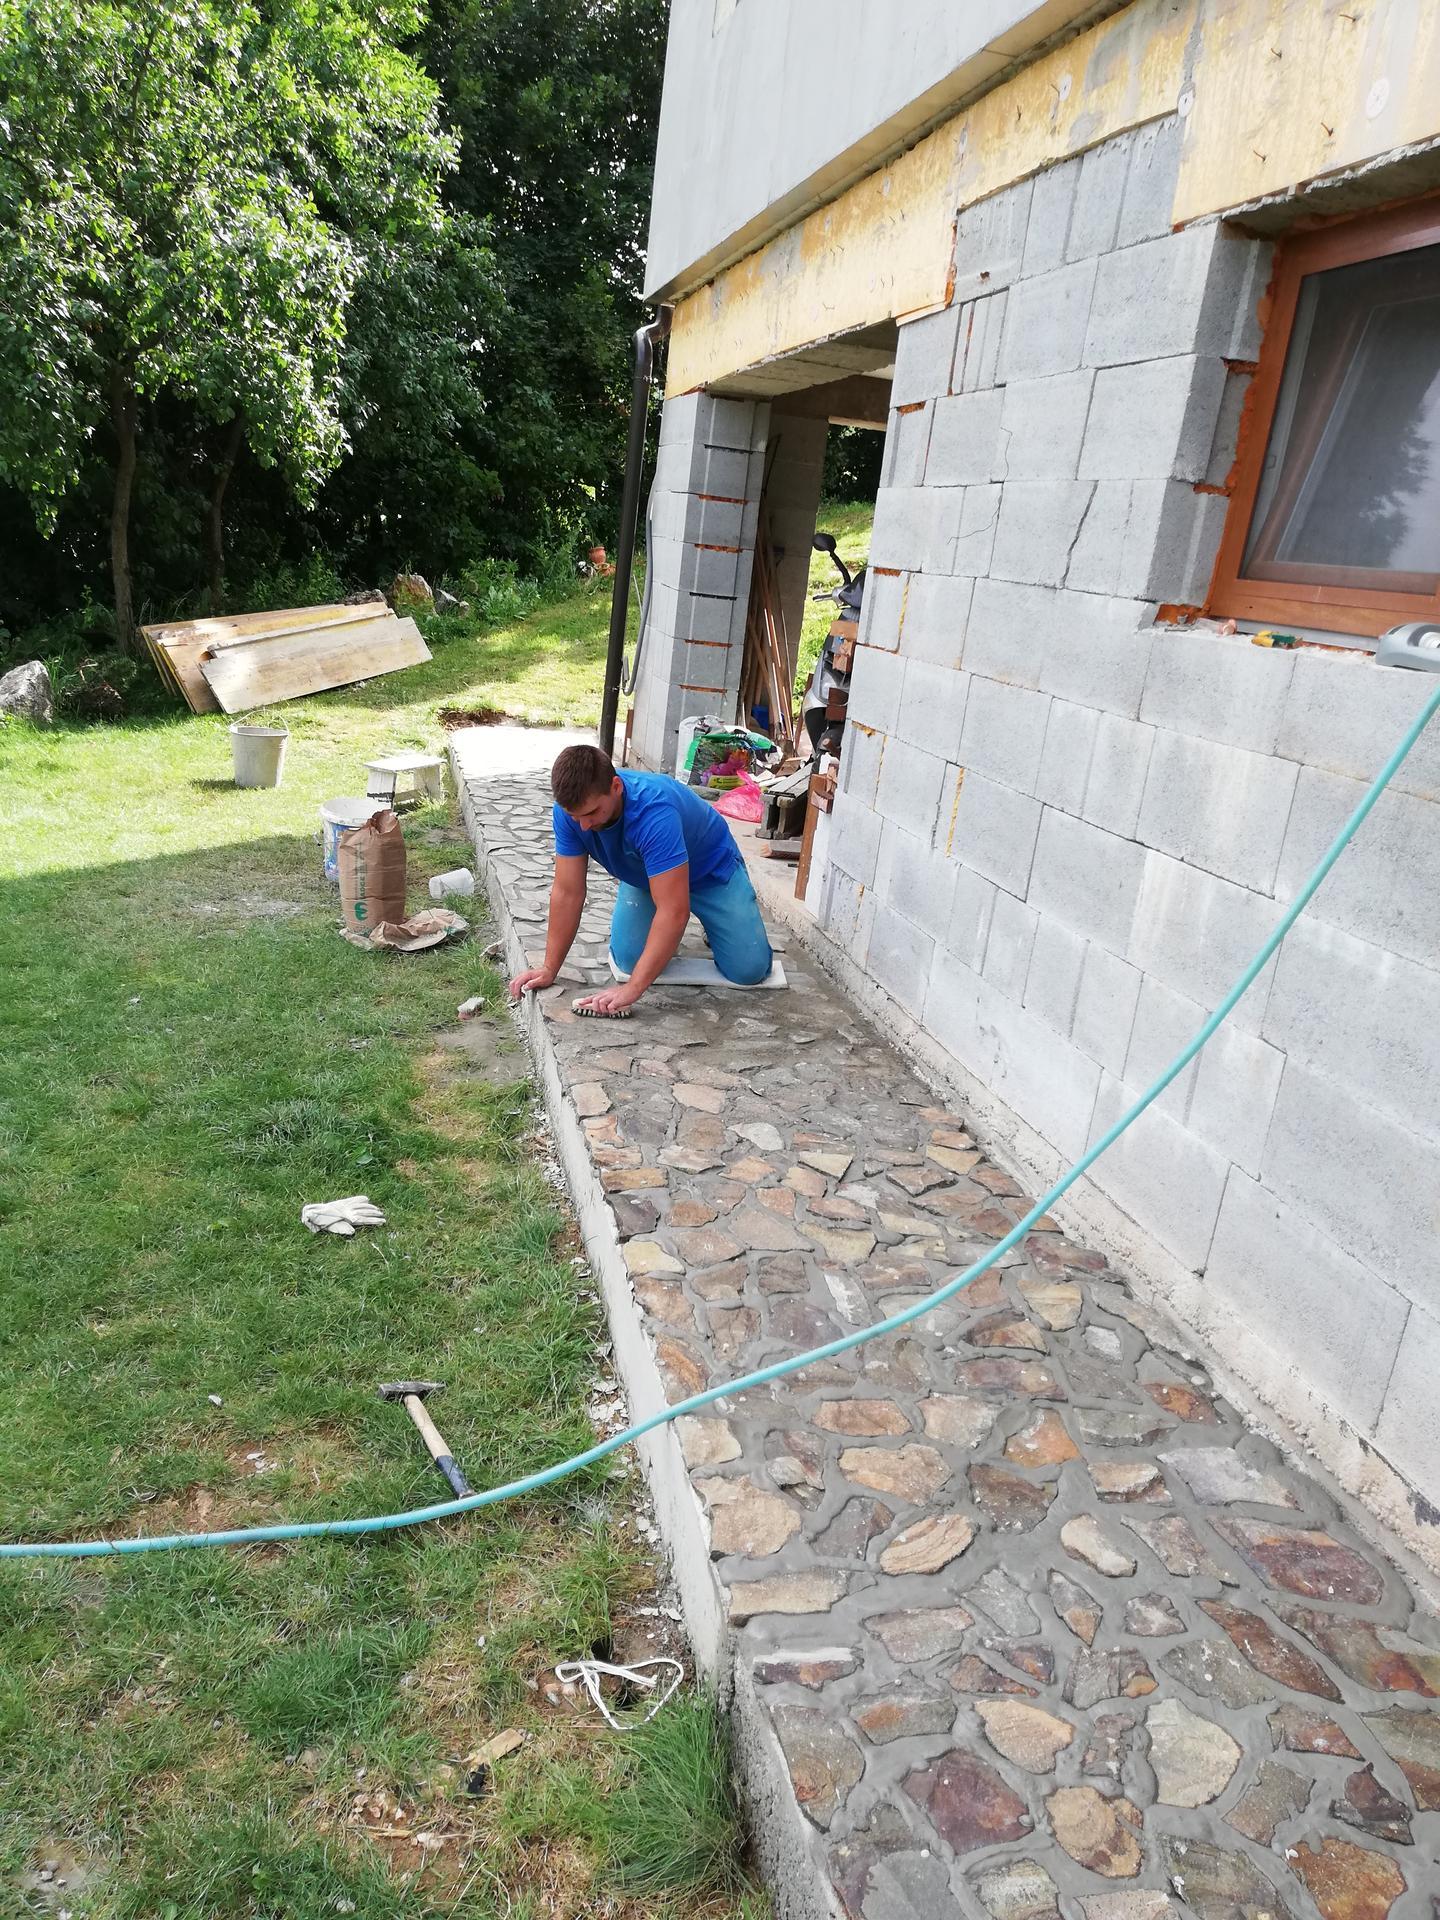 Práce okolo domu a v dome 2020 - Obrázok č. 7